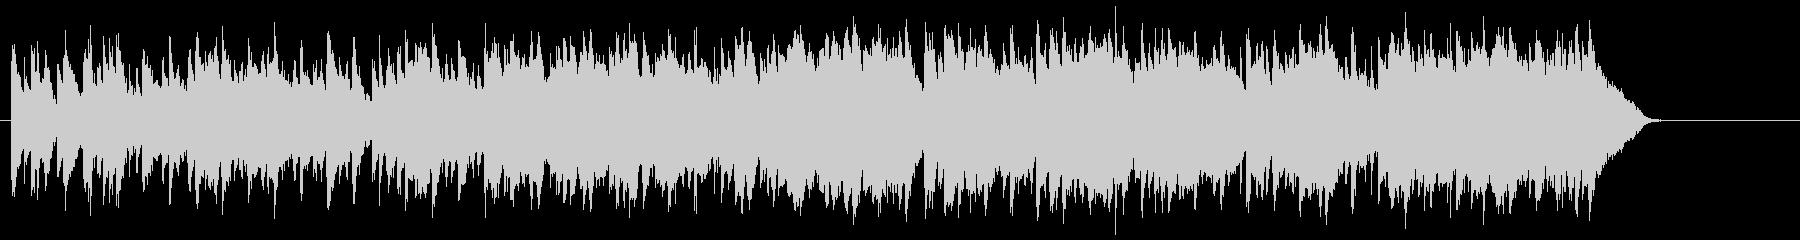 穏やかなティータイムのボサノバ/ポップの未再生の波形